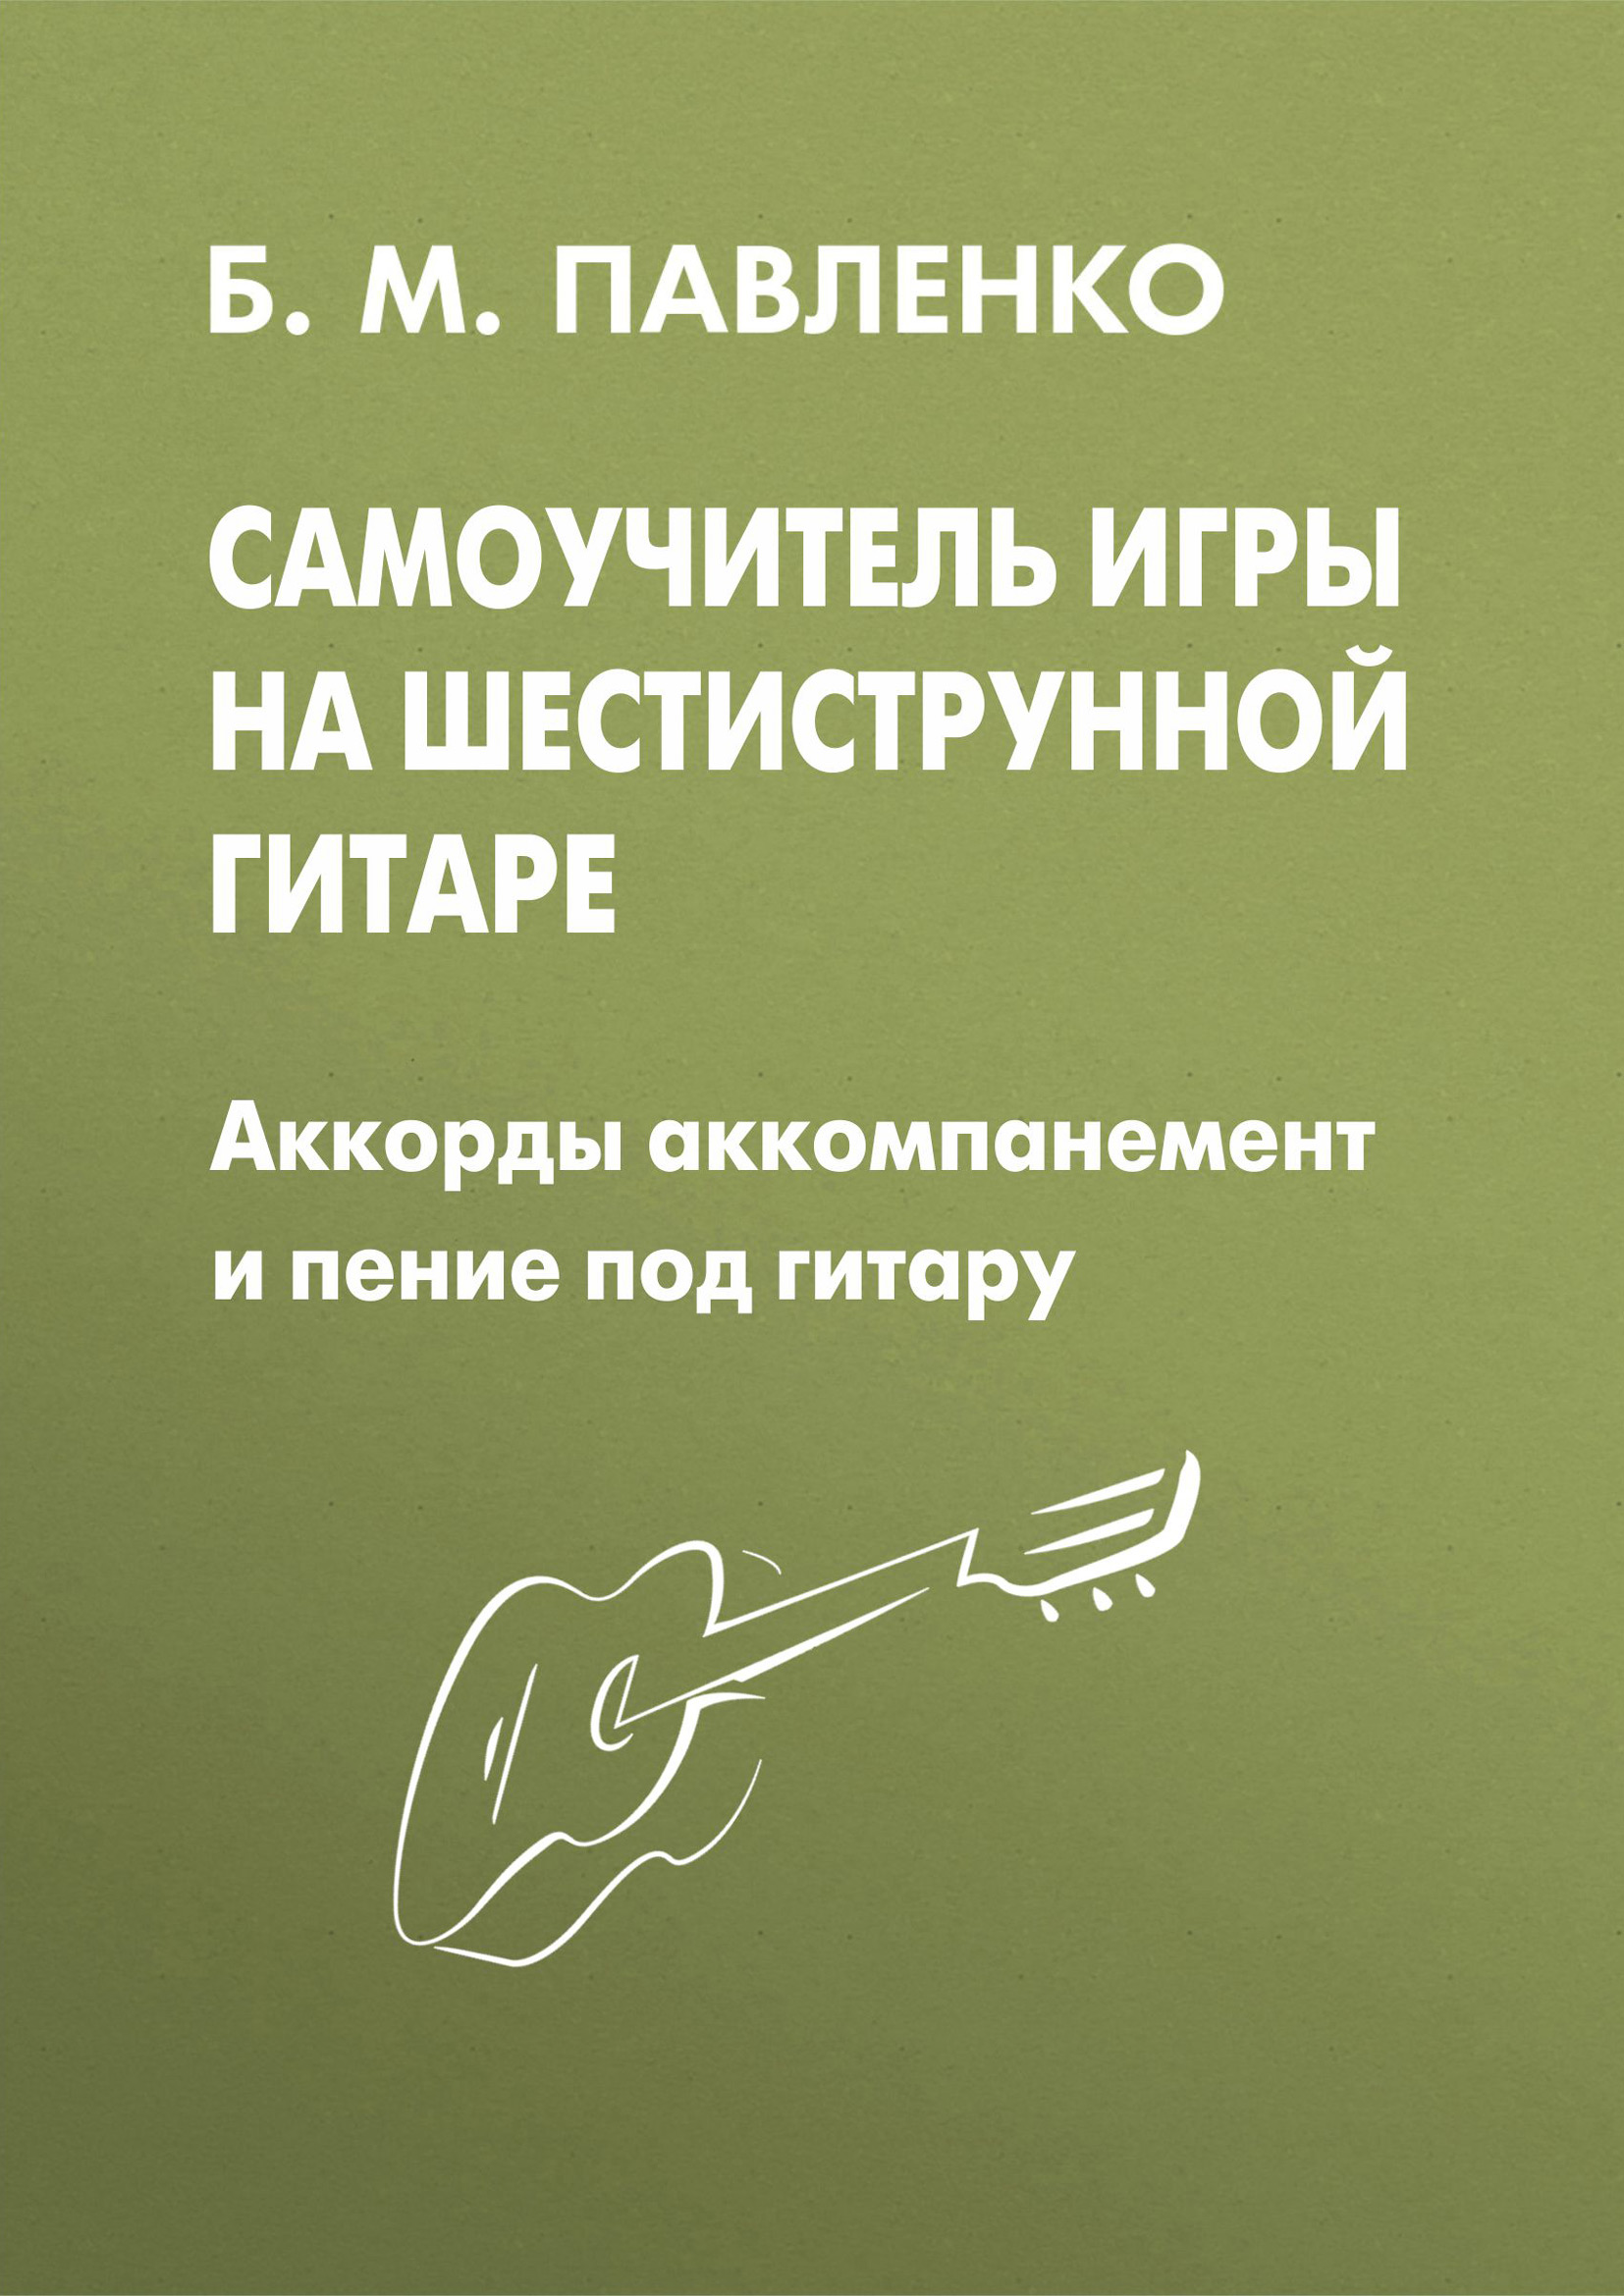 Б. М. Павленко Самоучитель игры на шестиструнной гитаре. Аккорды, аккомпанемент и пение под гитару б м павленко самоучитель игры на шестиструнной гитаре аккорды аккомпанемент и пение под гитару